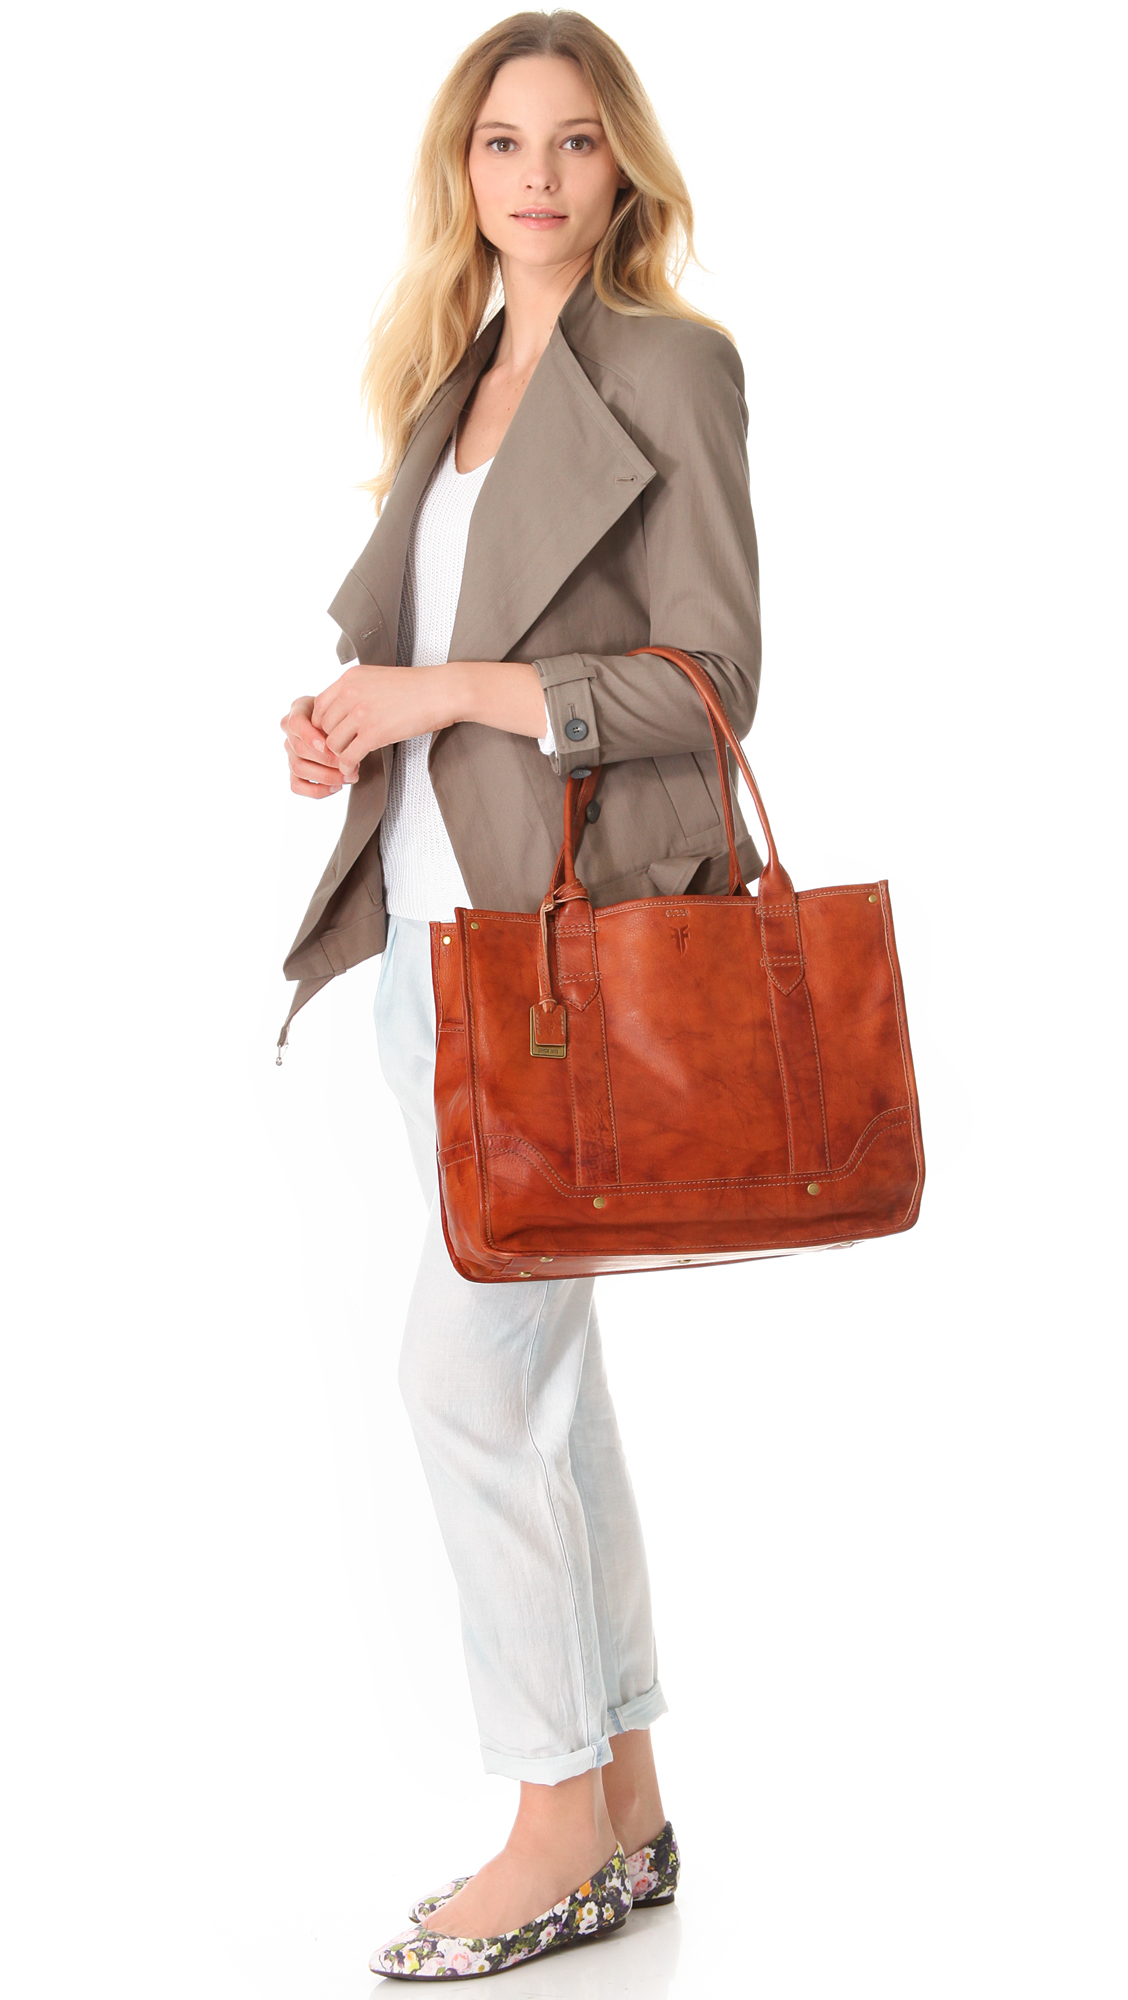 074a10f447b8 Lyst - Frye Campus Shopper Tote in Brown